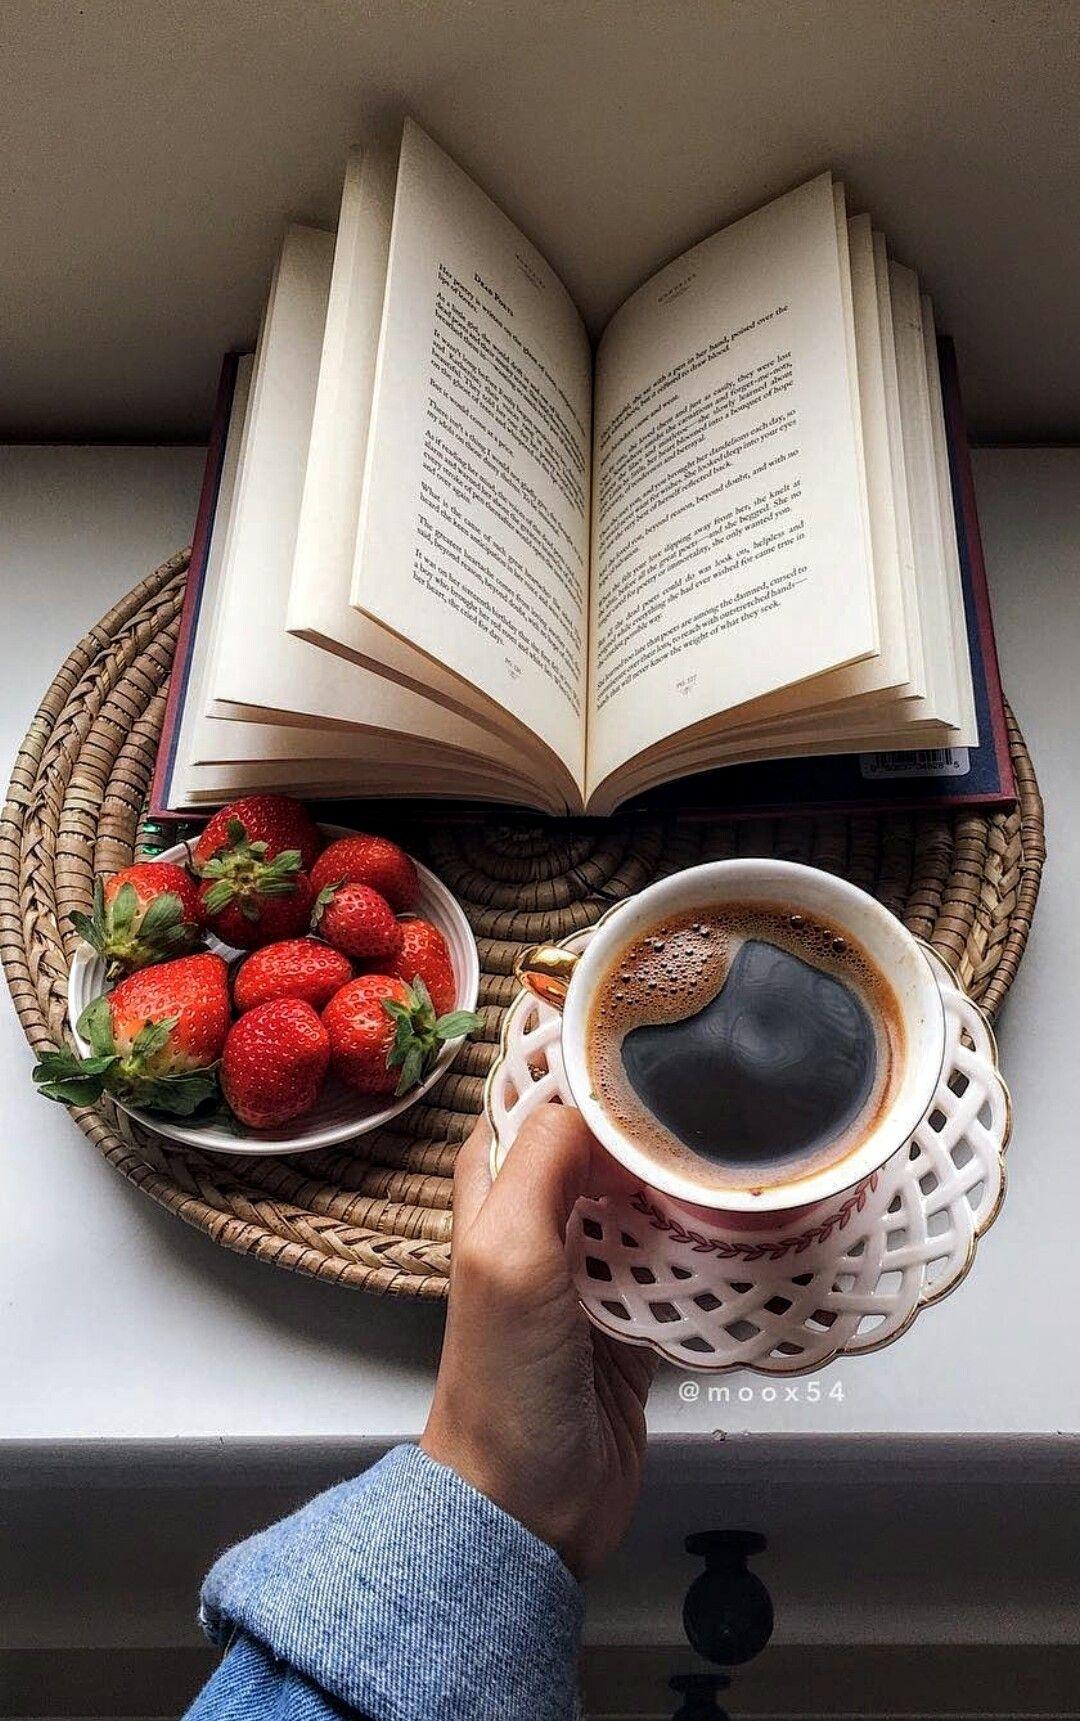 картинки кофе с книжкой зависимости разновидности имеет